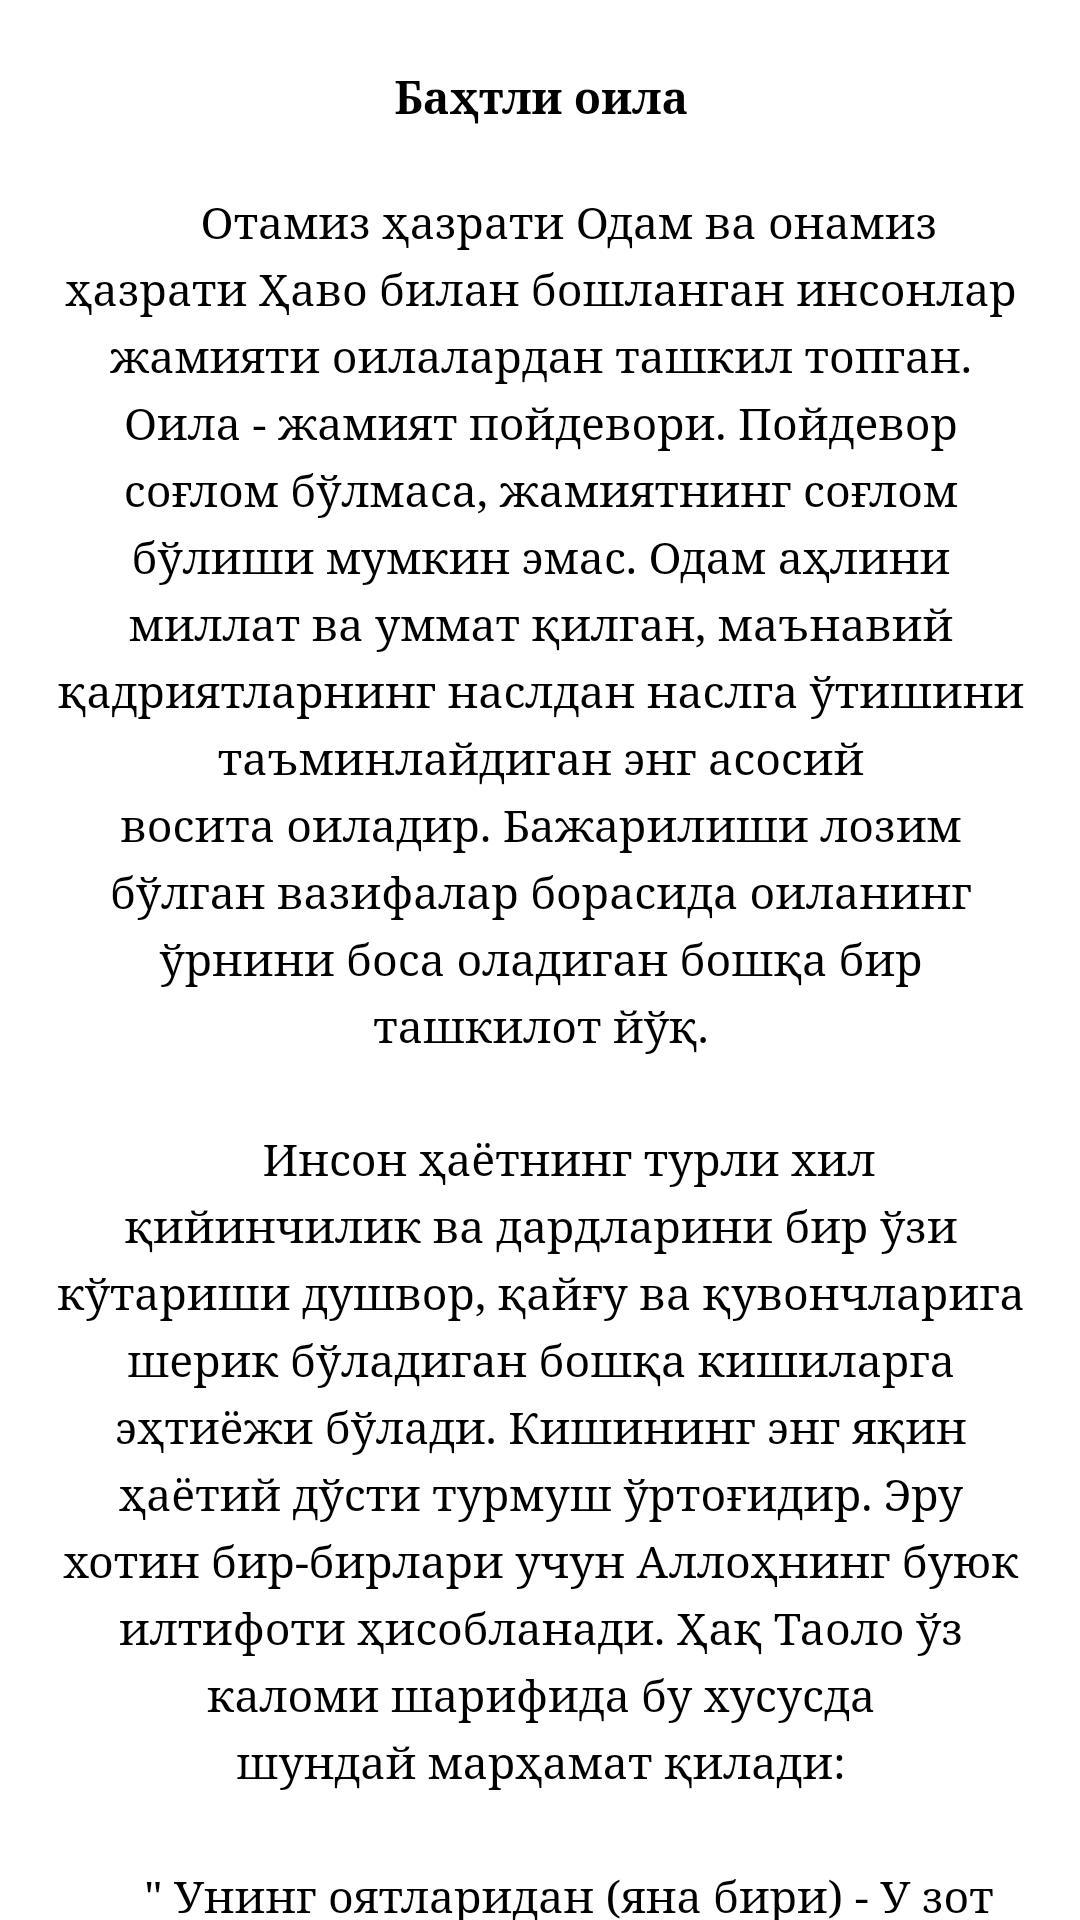 Oila kitobi pdf baxtiyor бахтли оила